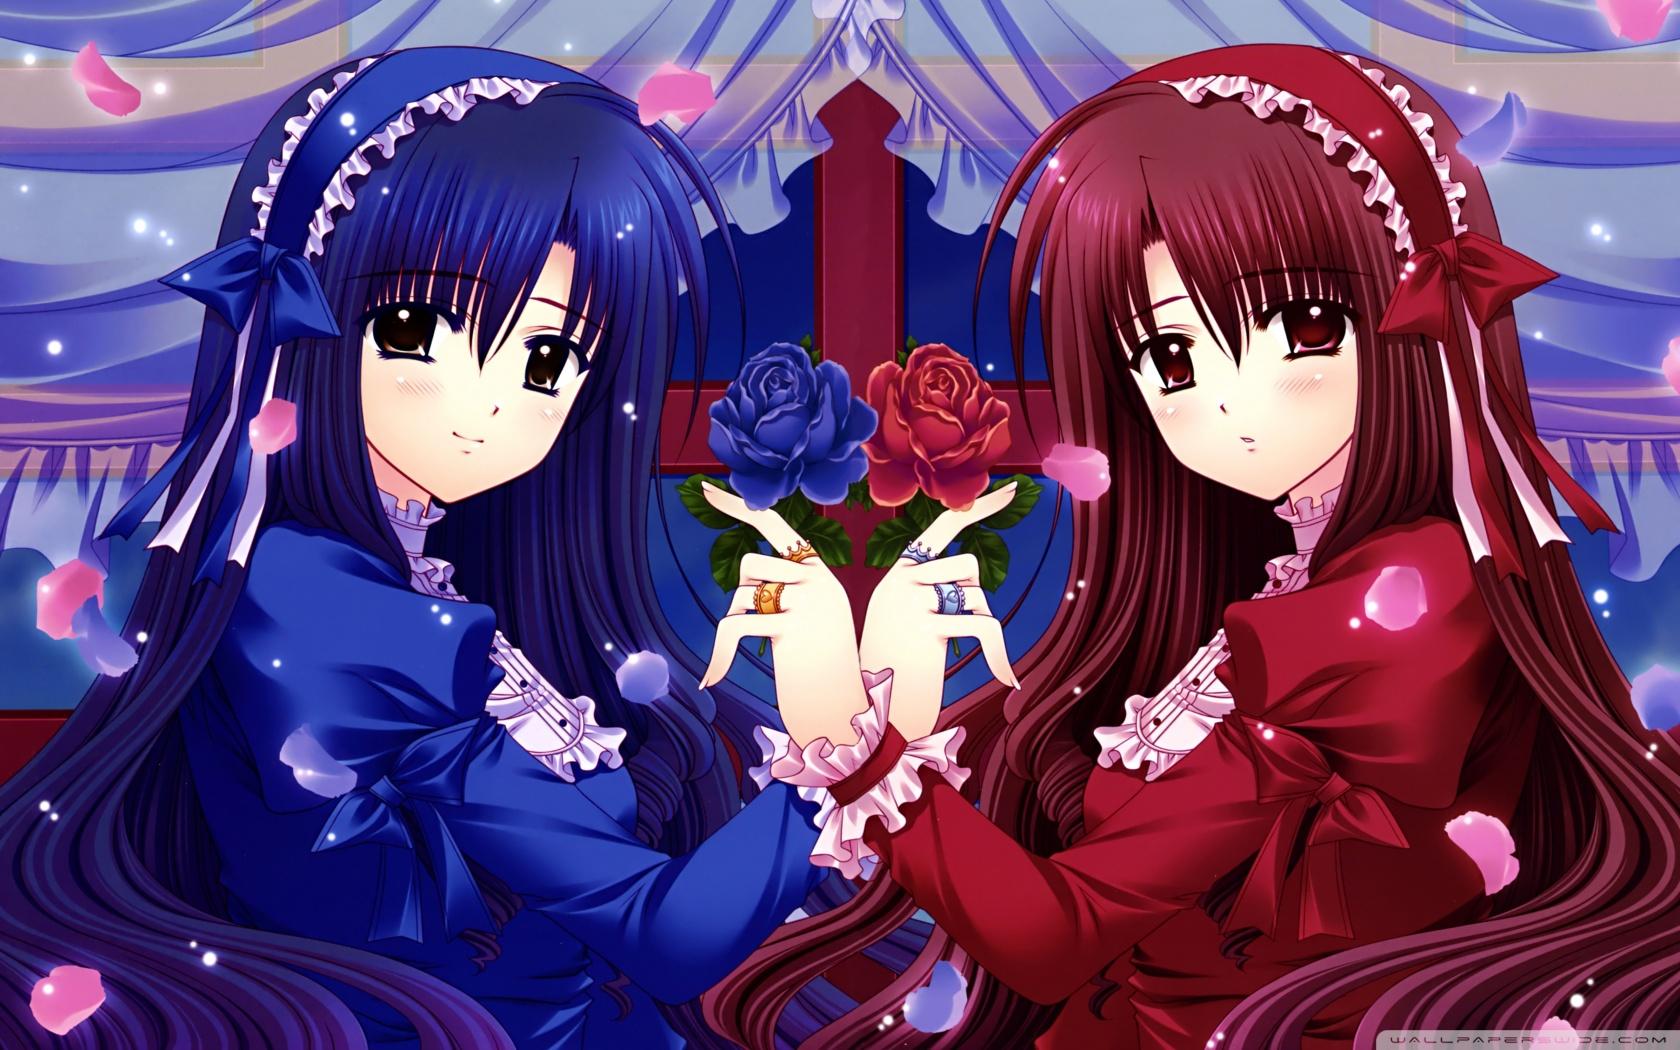 Image Anime Girls 7 Wallpaper 1680x1050 Jpg